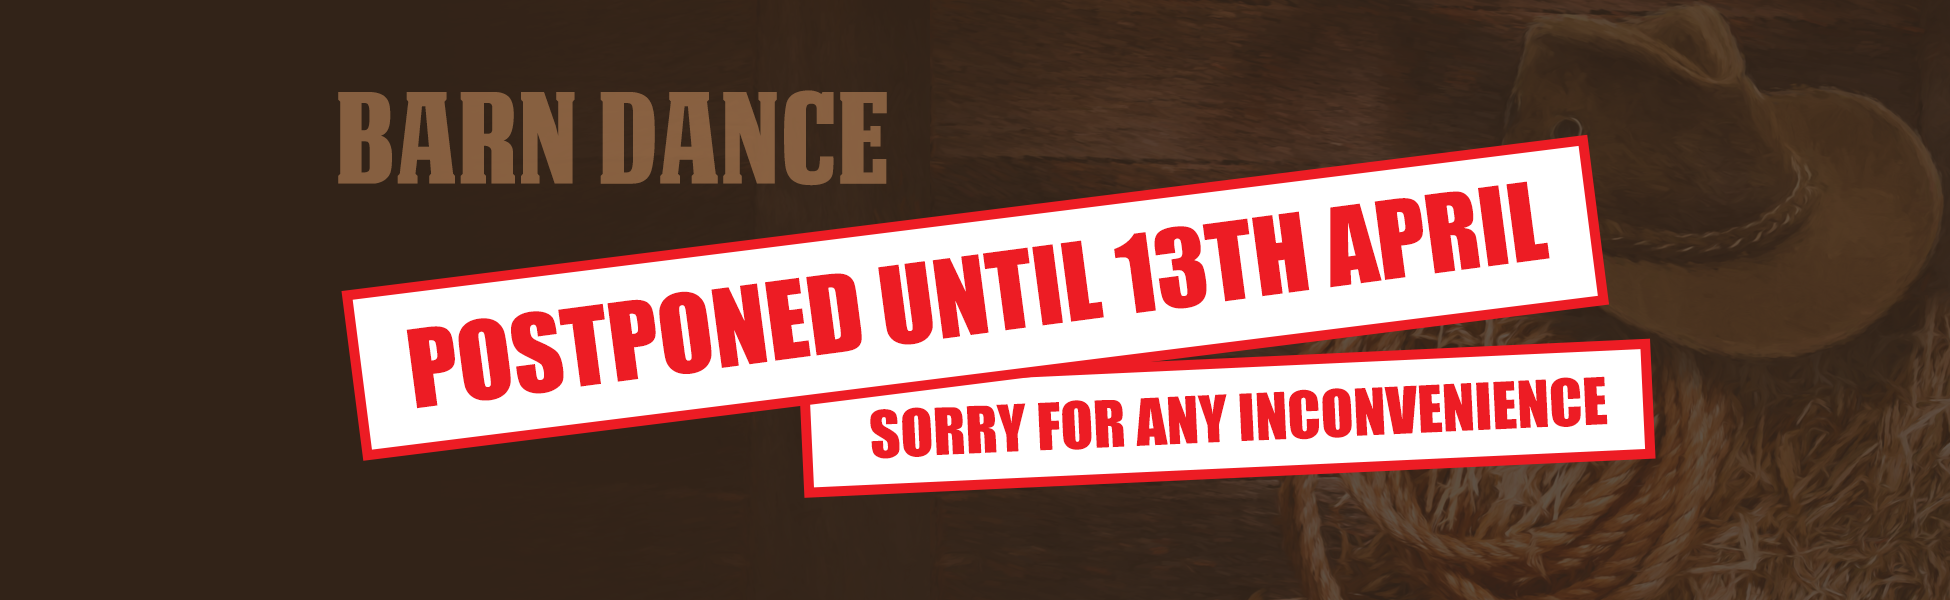 postponed-Barn-dance